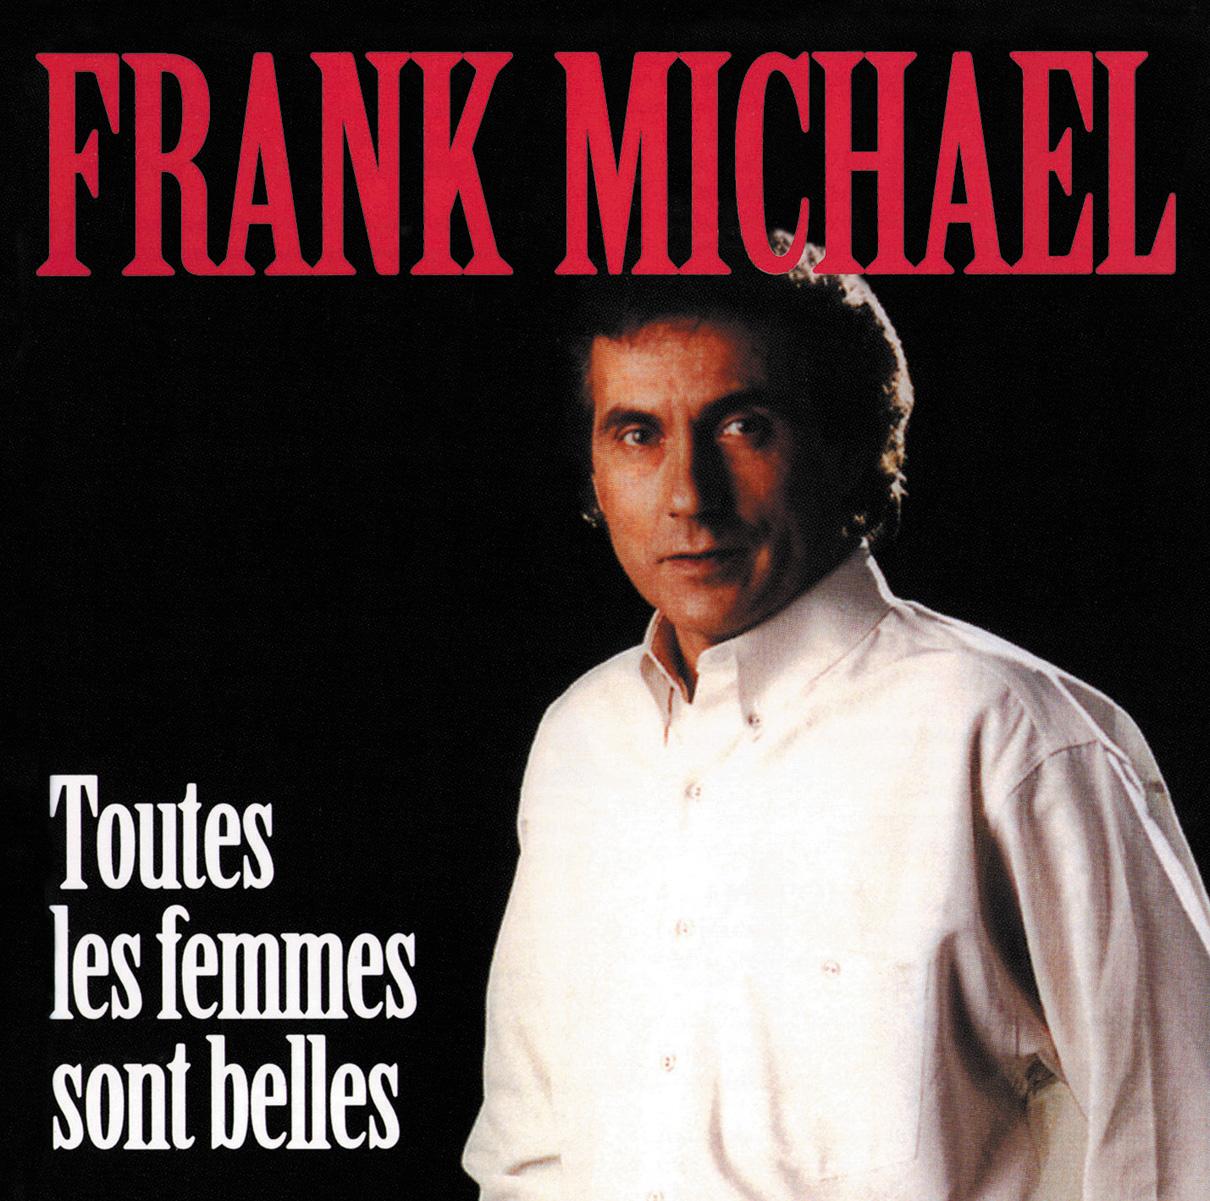 frank michael toutes les femmes sont belles